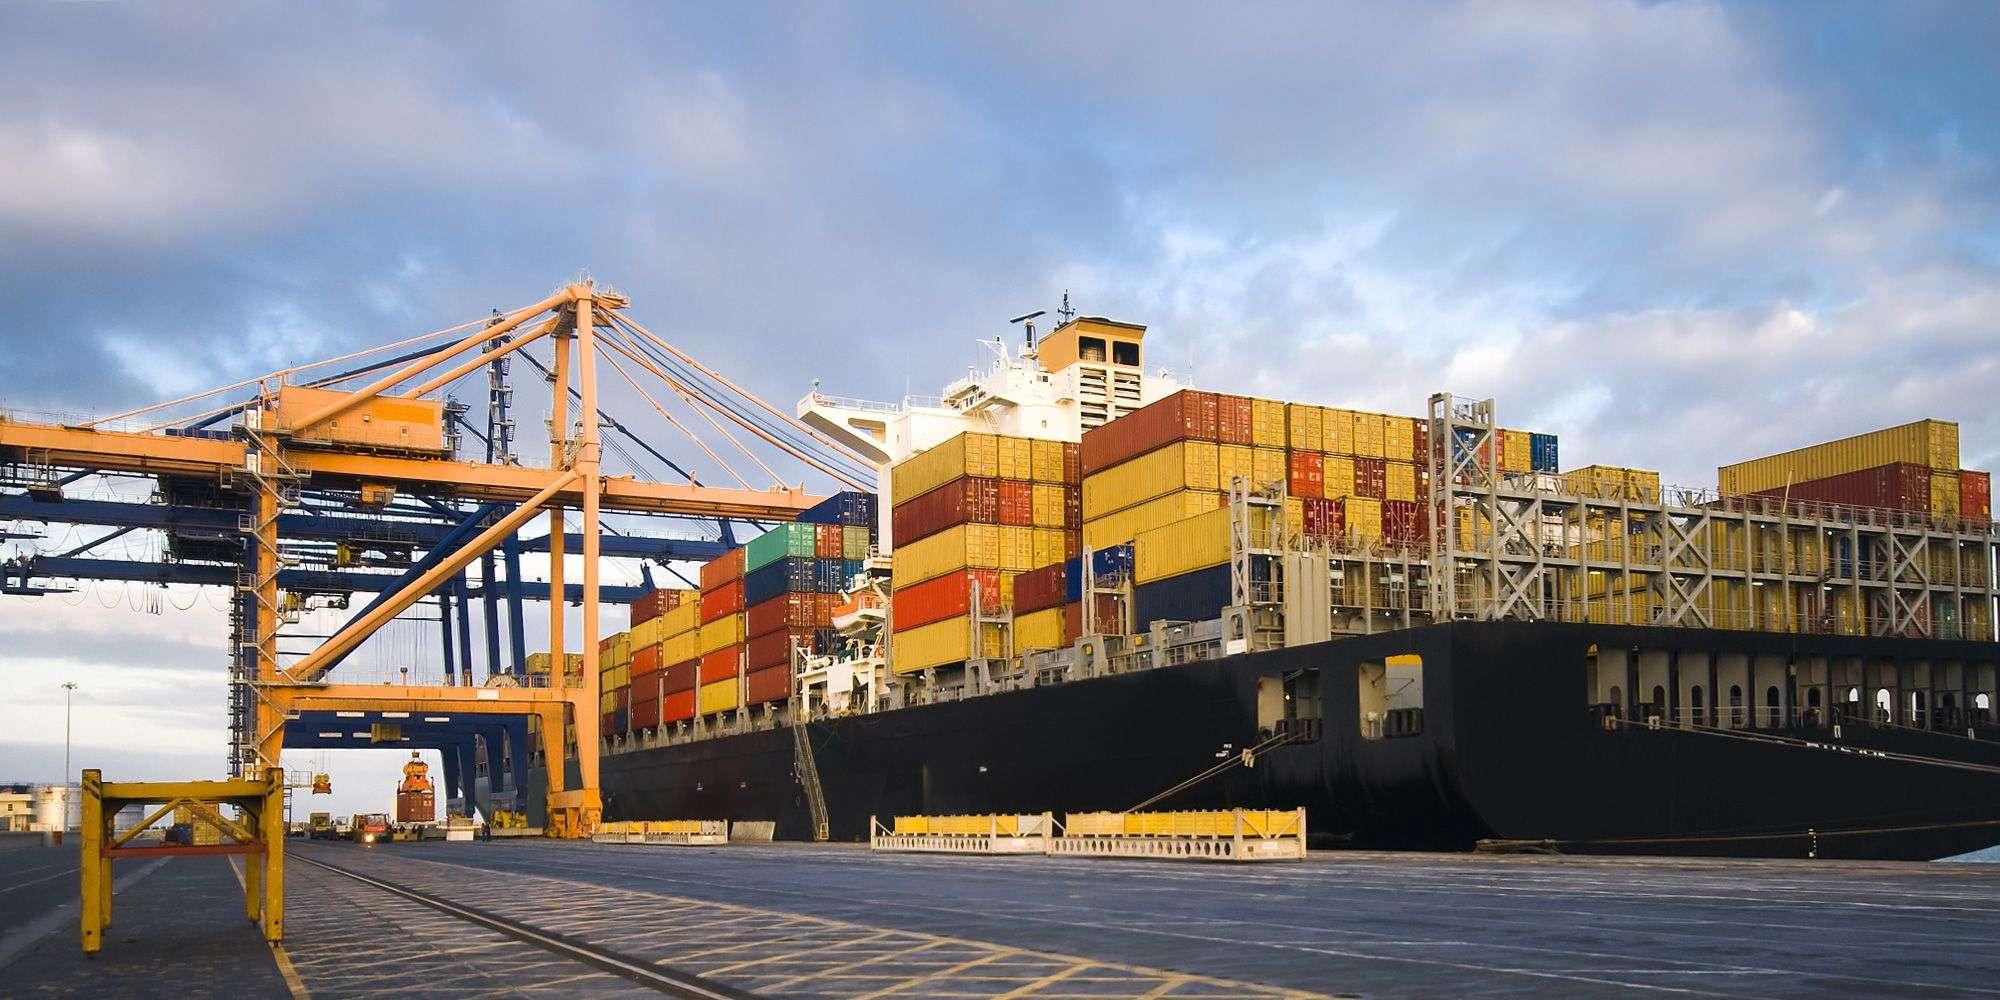 مقررات حملونقل کالا با انگلیس پس از برکزیت اعلام شد